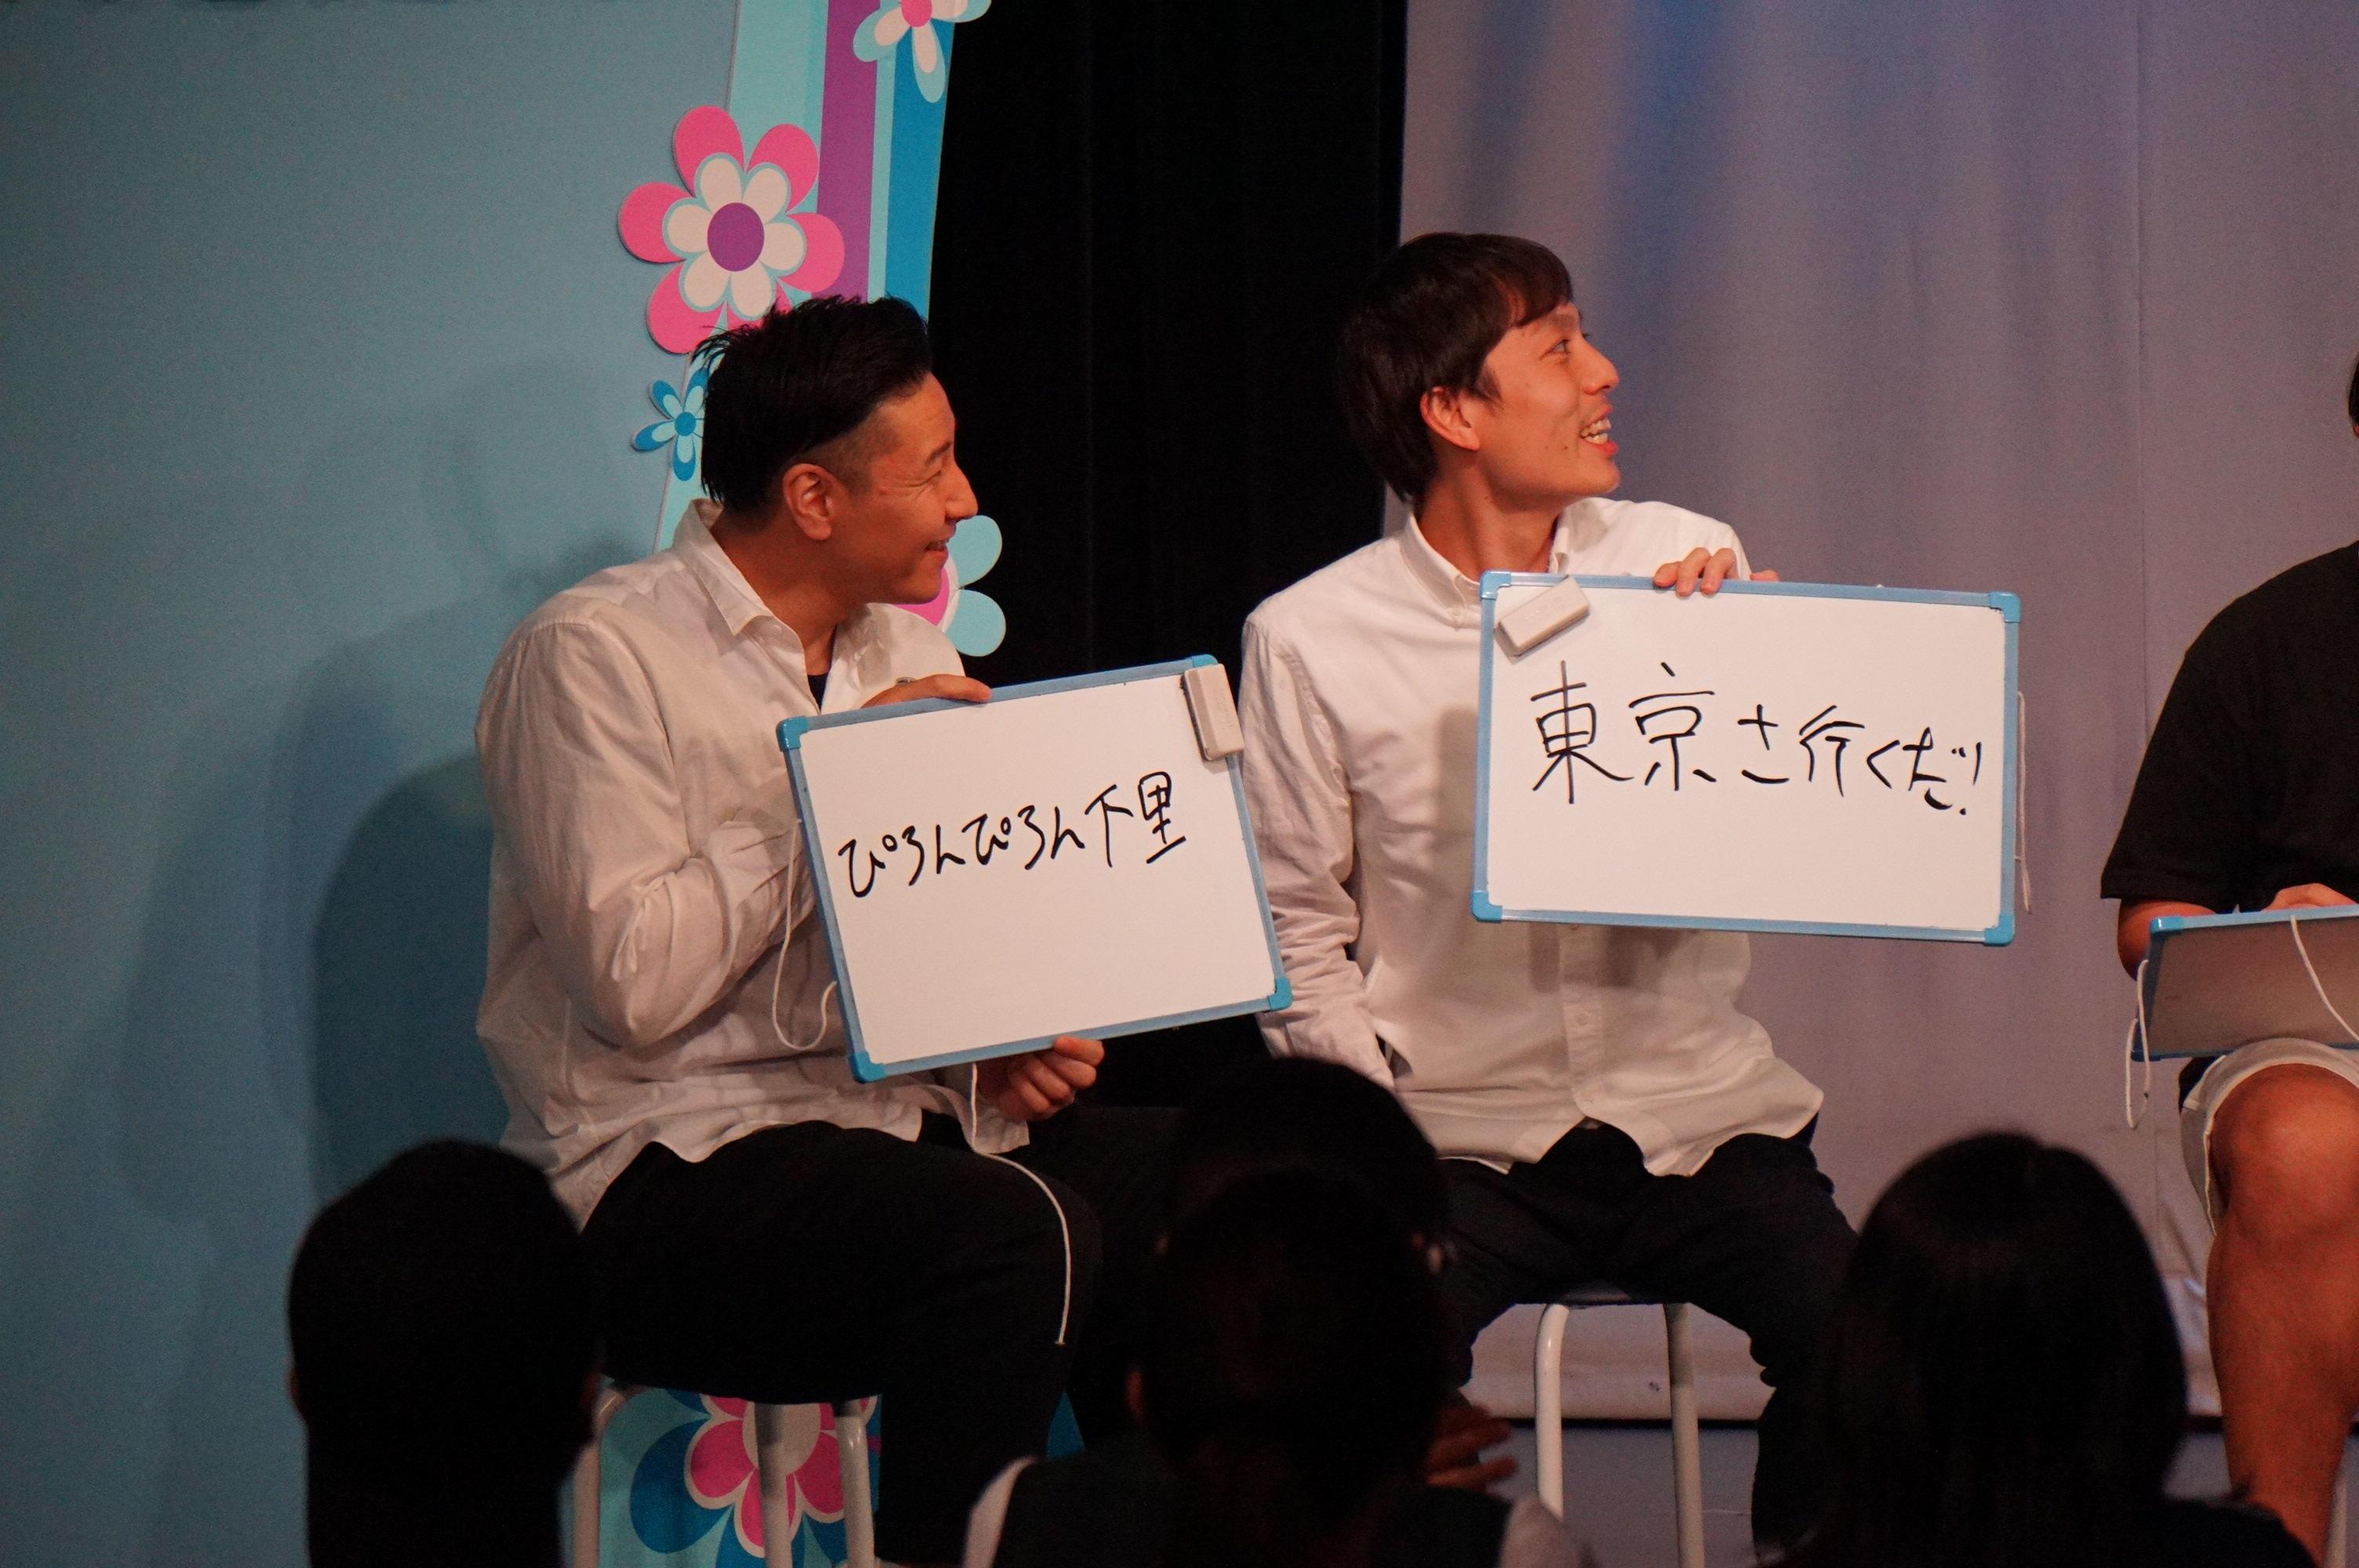 http://news.yoshimoto.co.jp/20160526181433-6d28f6abe5317eb6d48d100903b5f5546829bbd6.jpg